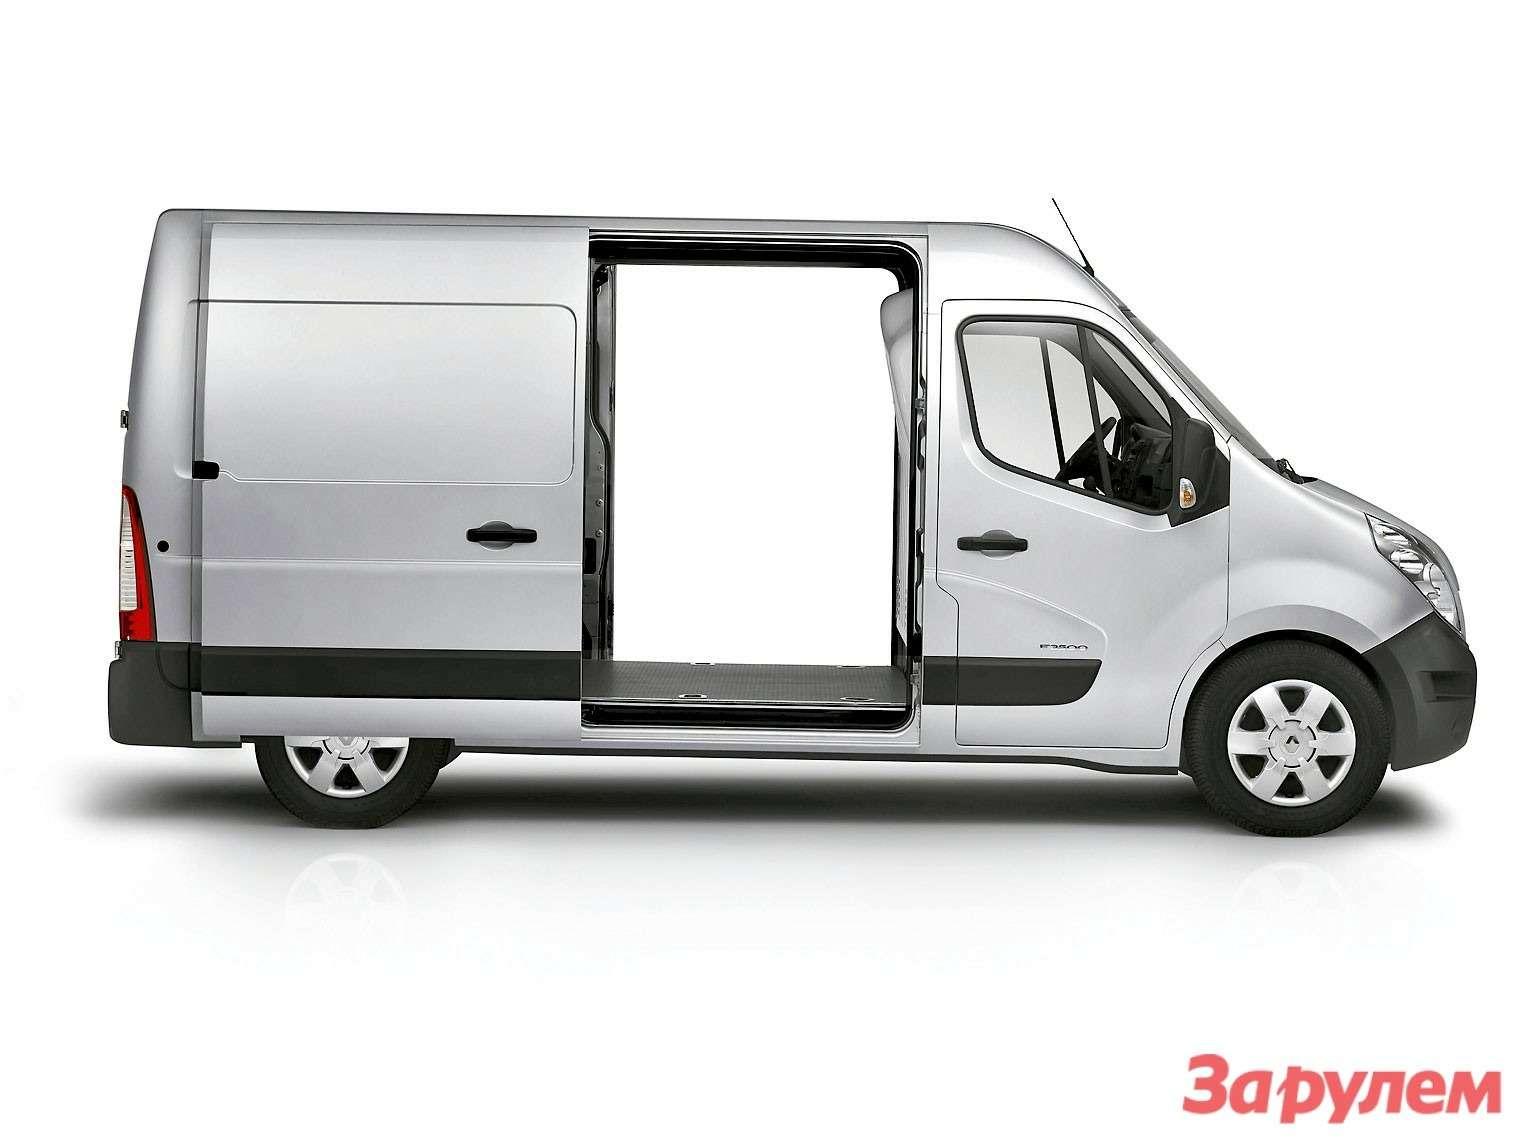 Renault 10718 global en